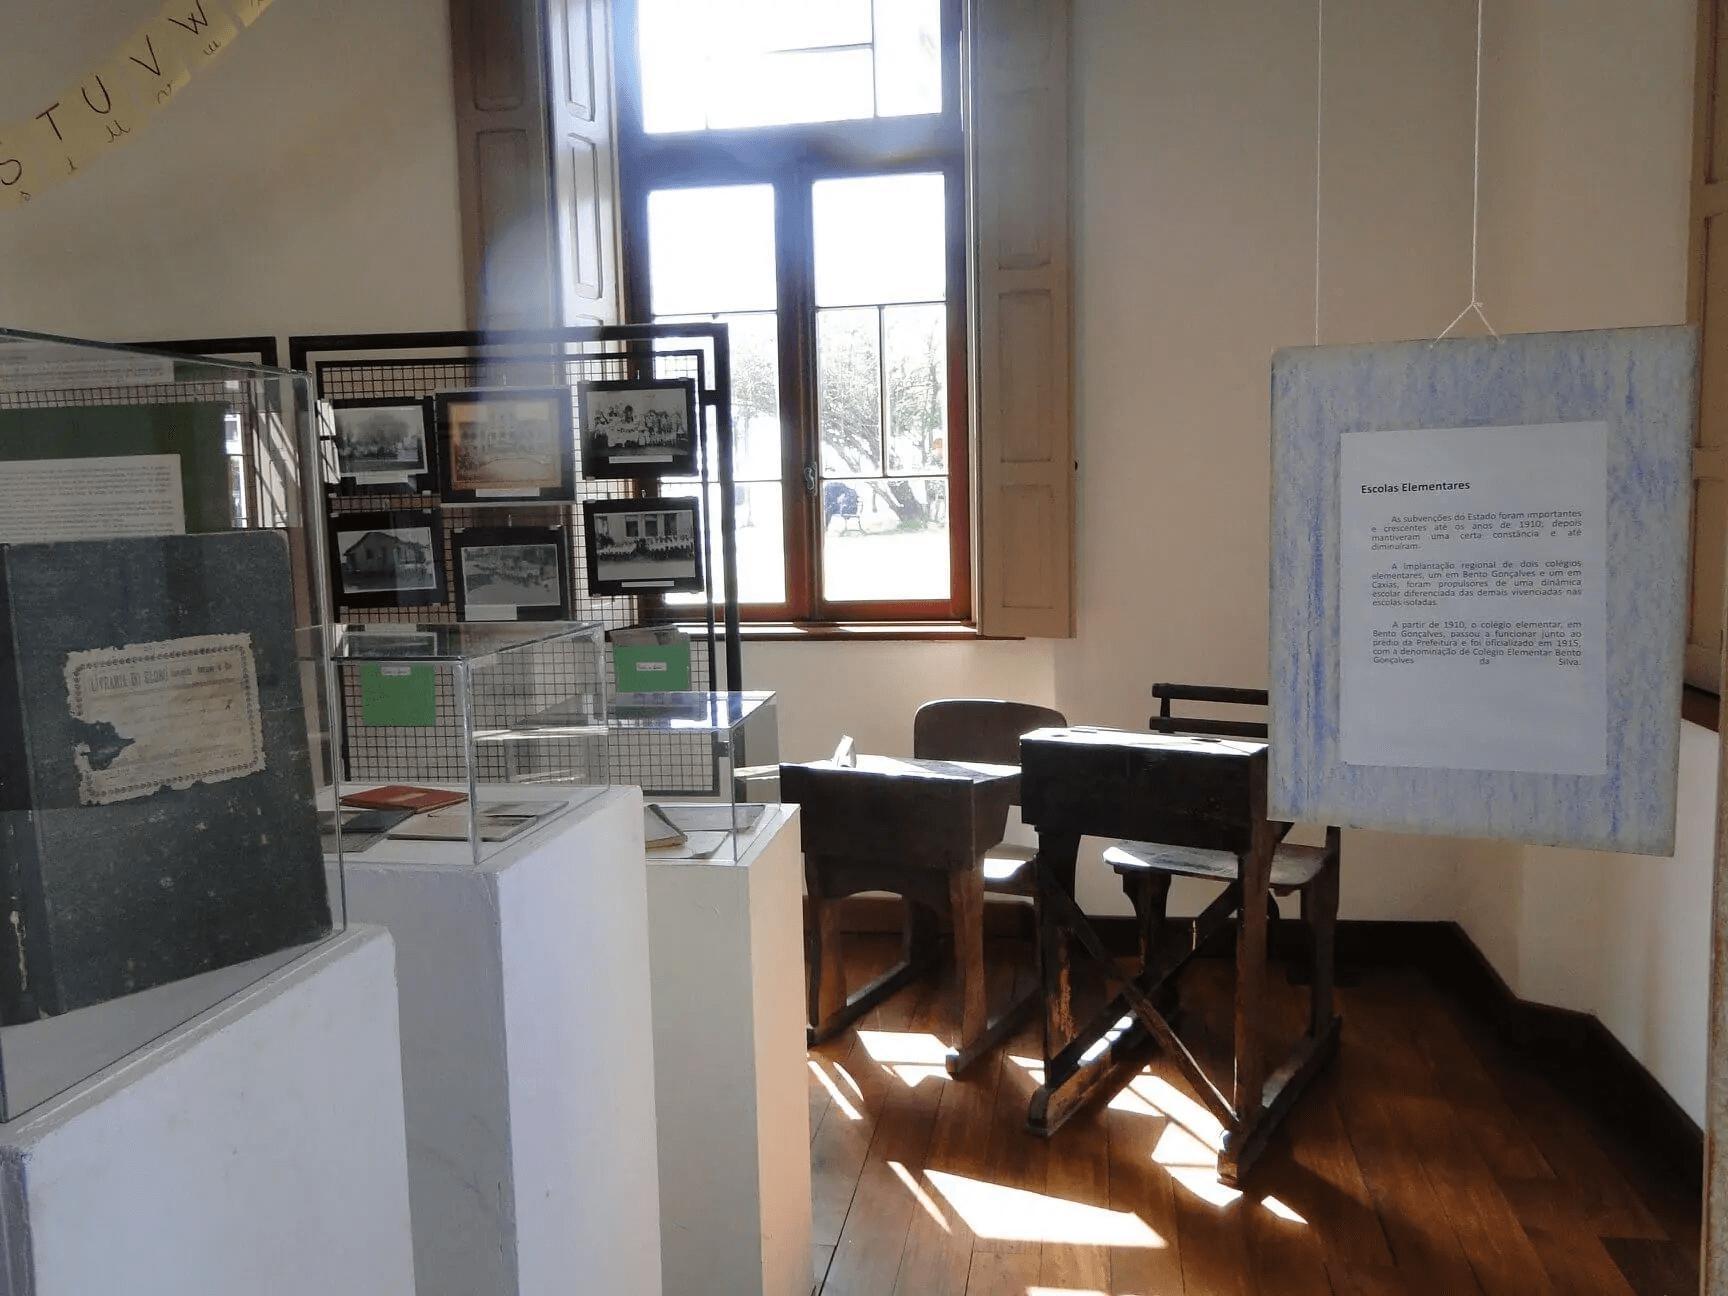 Foto de uma sala do museu com várias exposições.